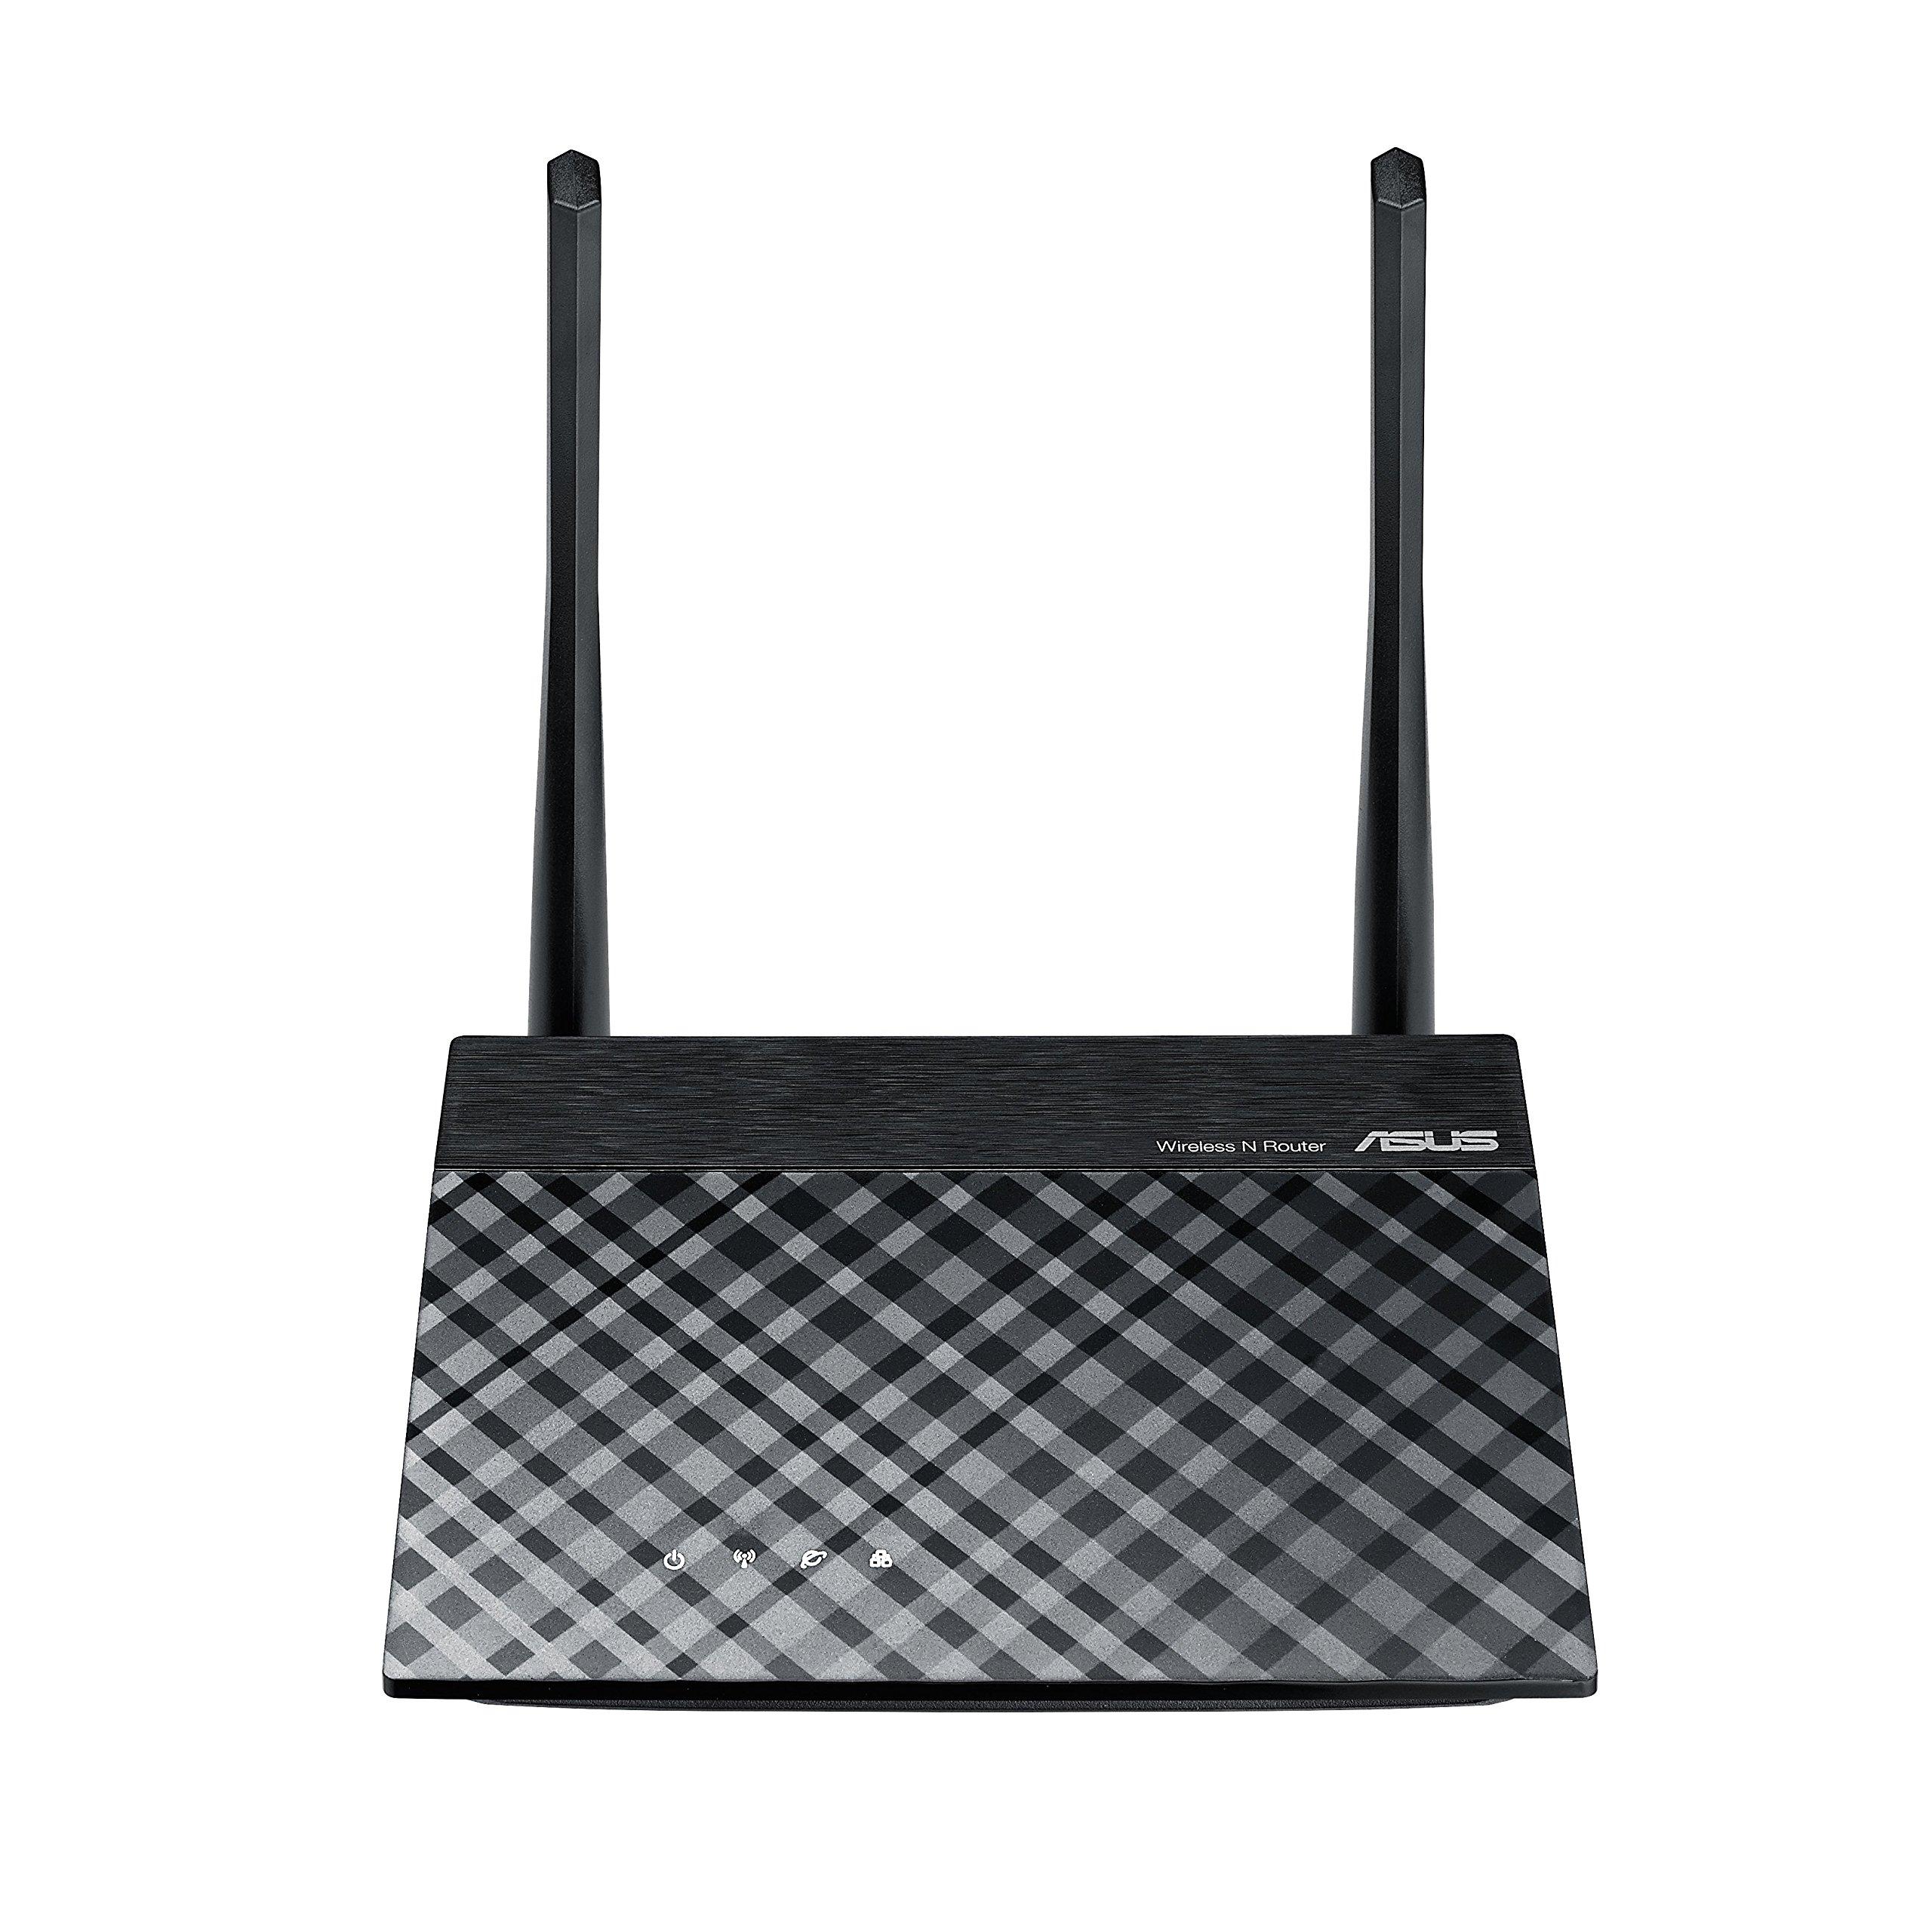 ASUS RT-N12E - Router inalámbrico N300 (Modo punto de acceso/repetidor)